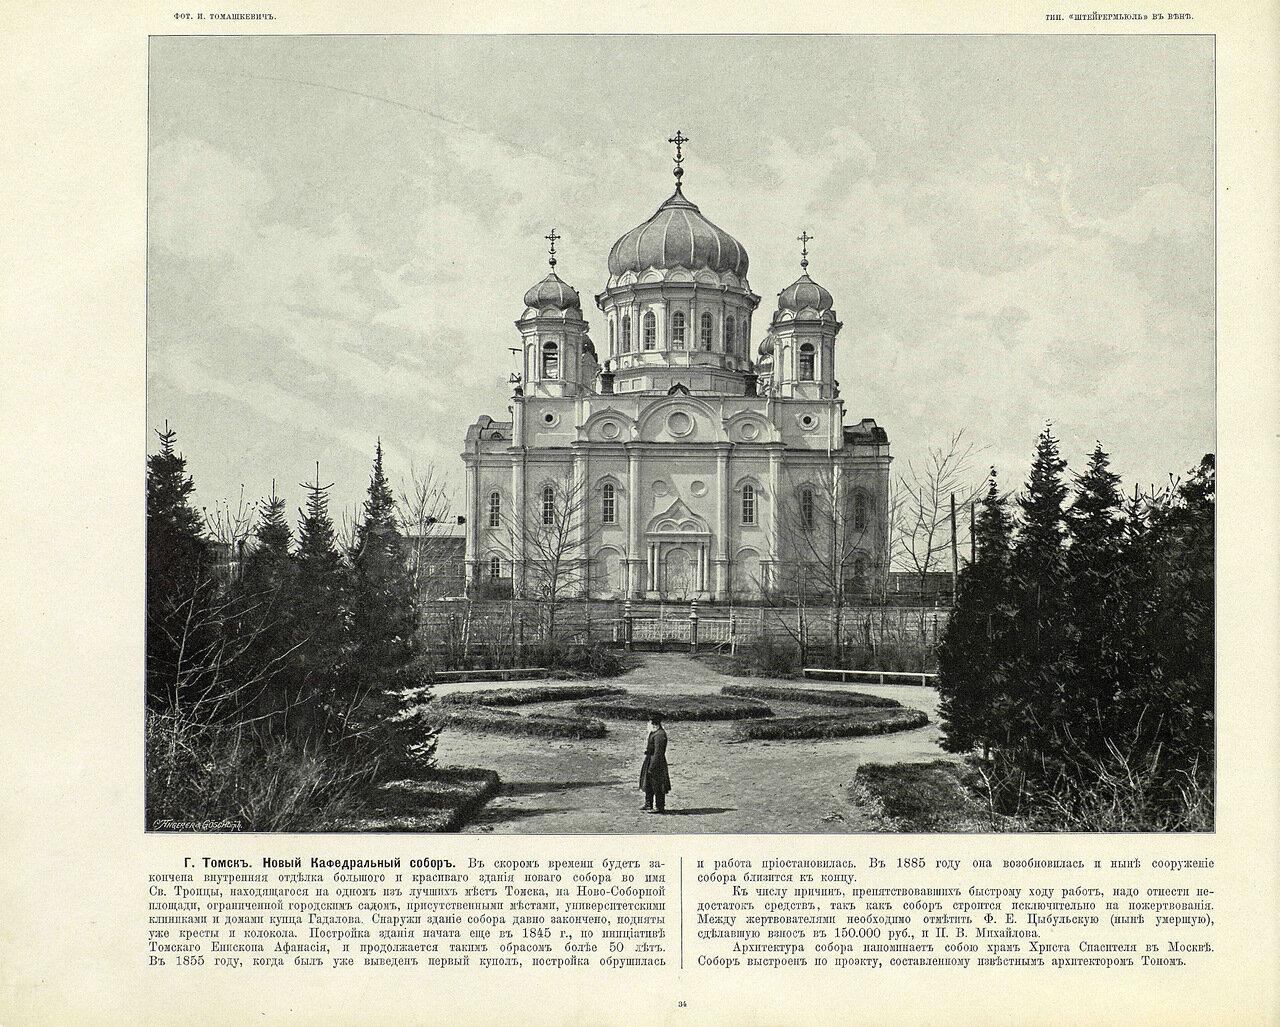 34. Томск. Новый кафедральный собор